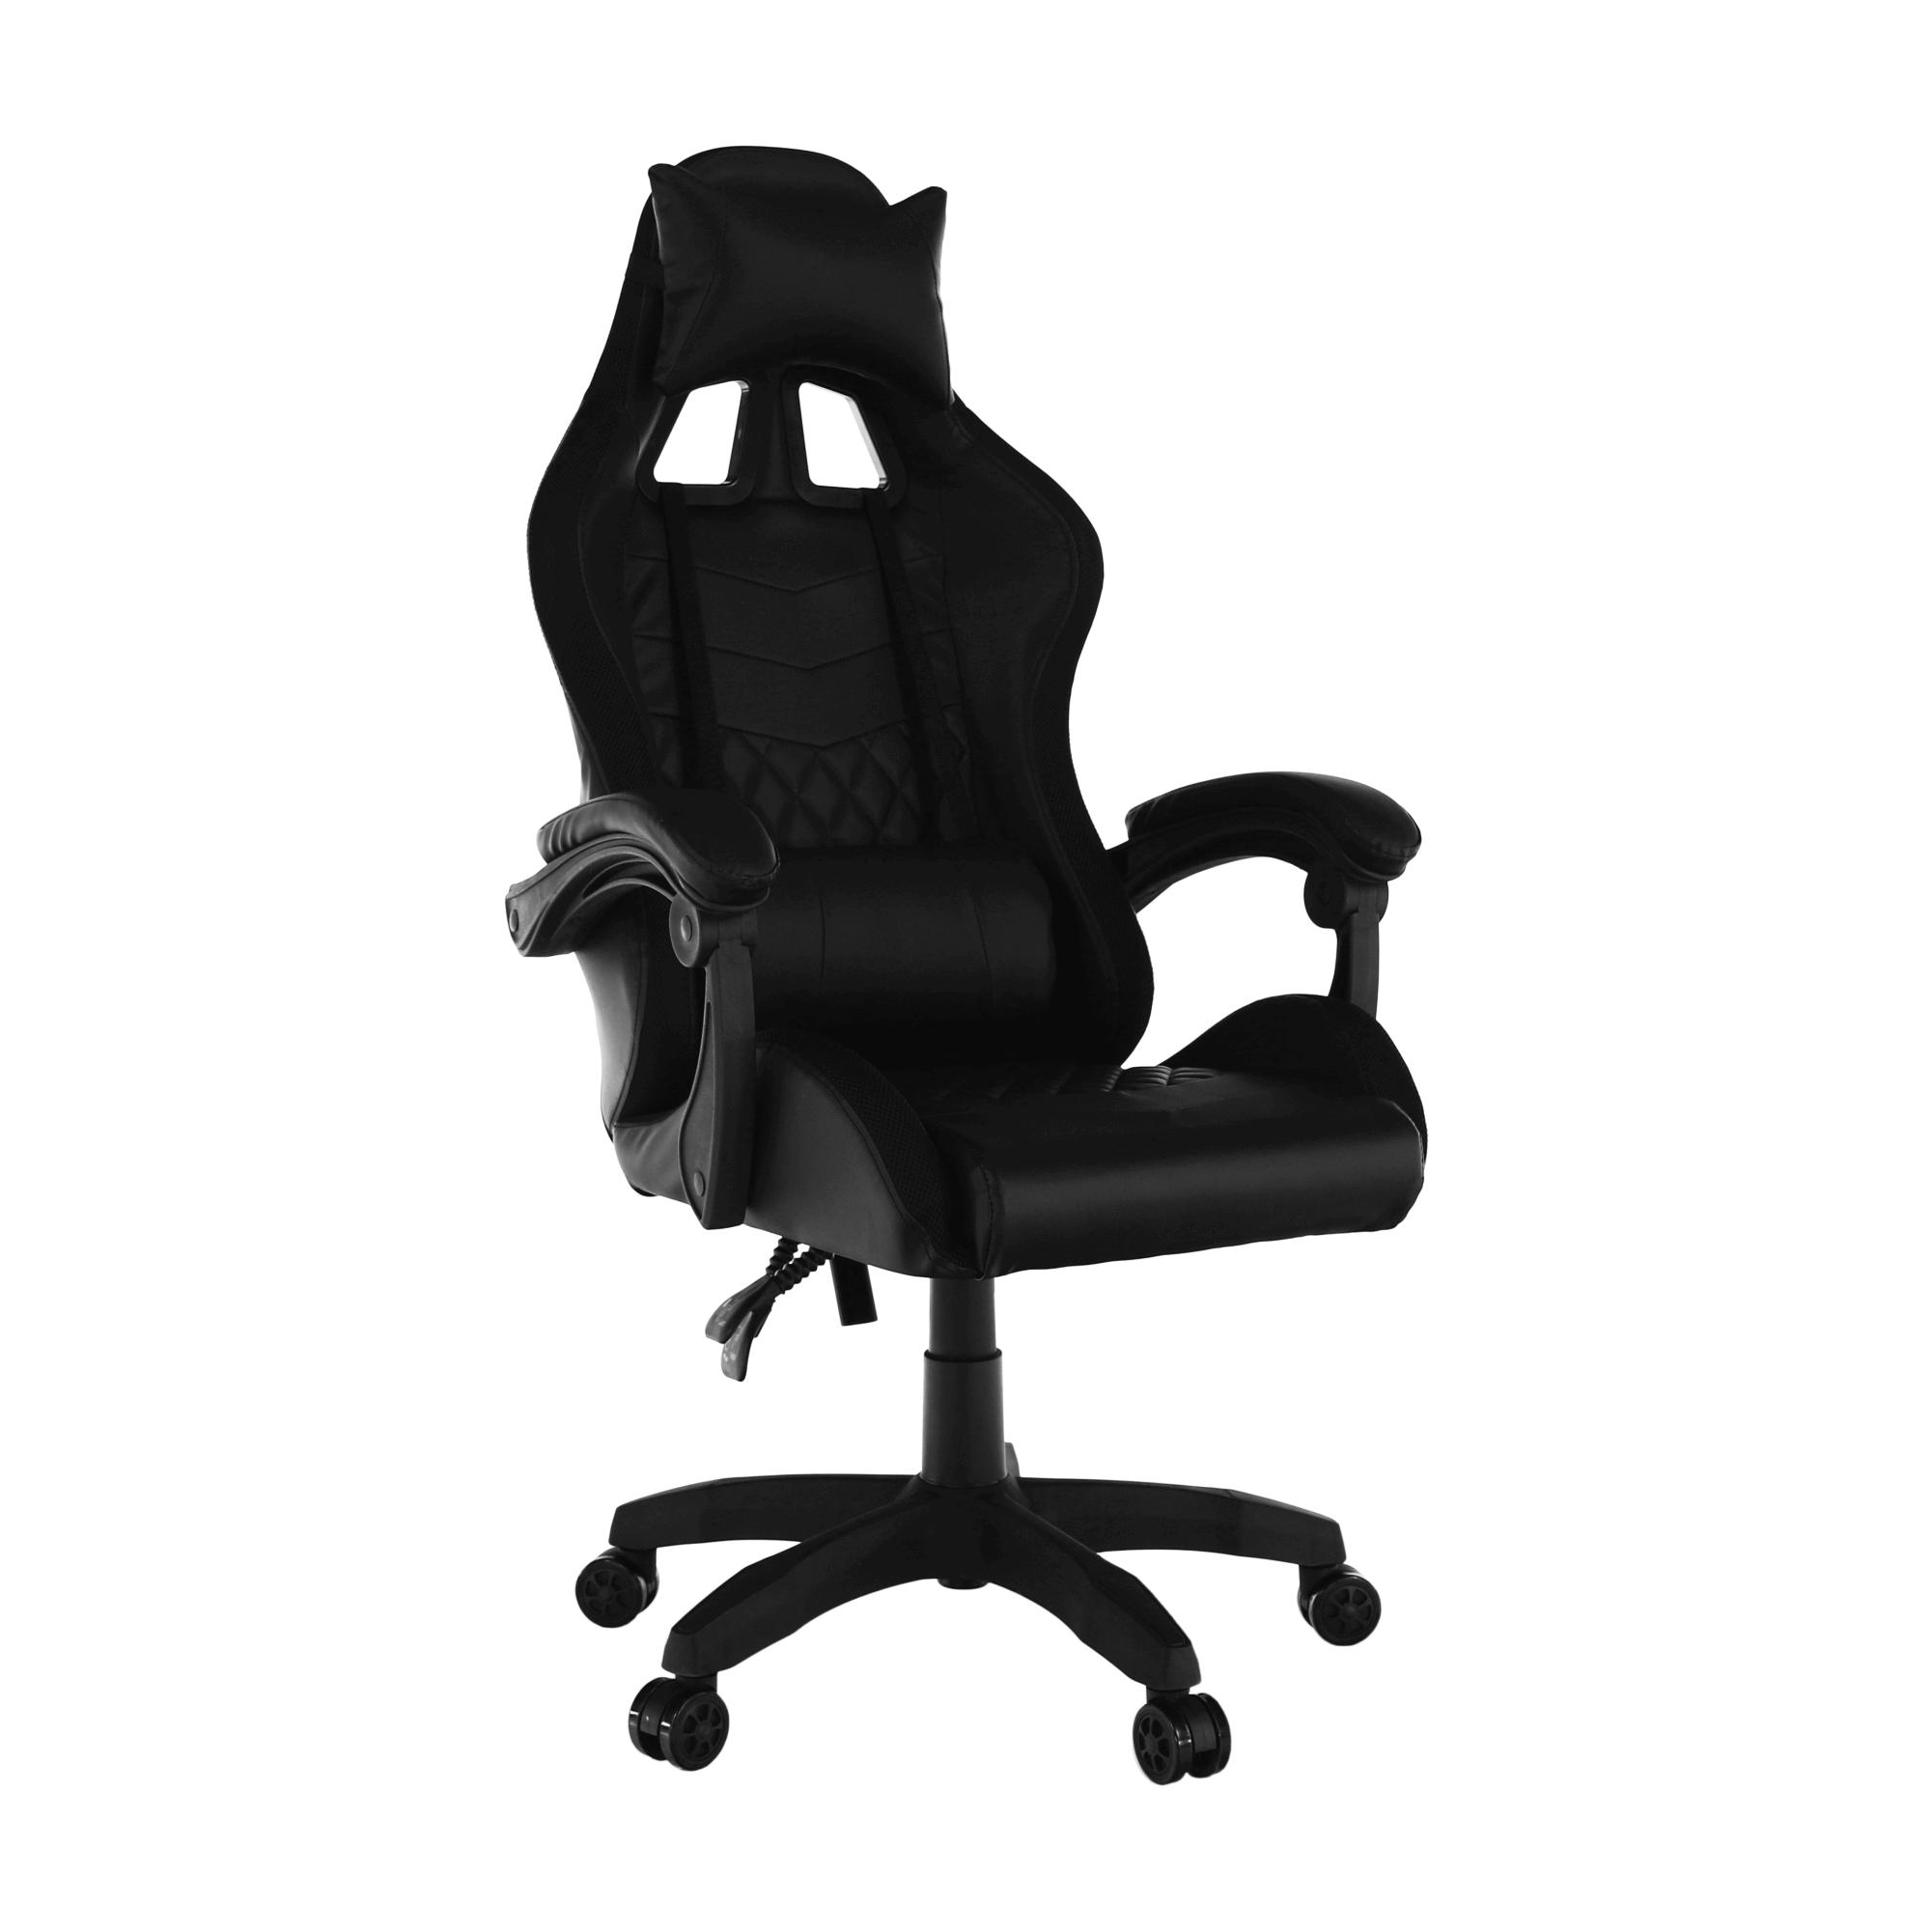 Irodai/gamer szék RGB LED háttérvilágítással 983